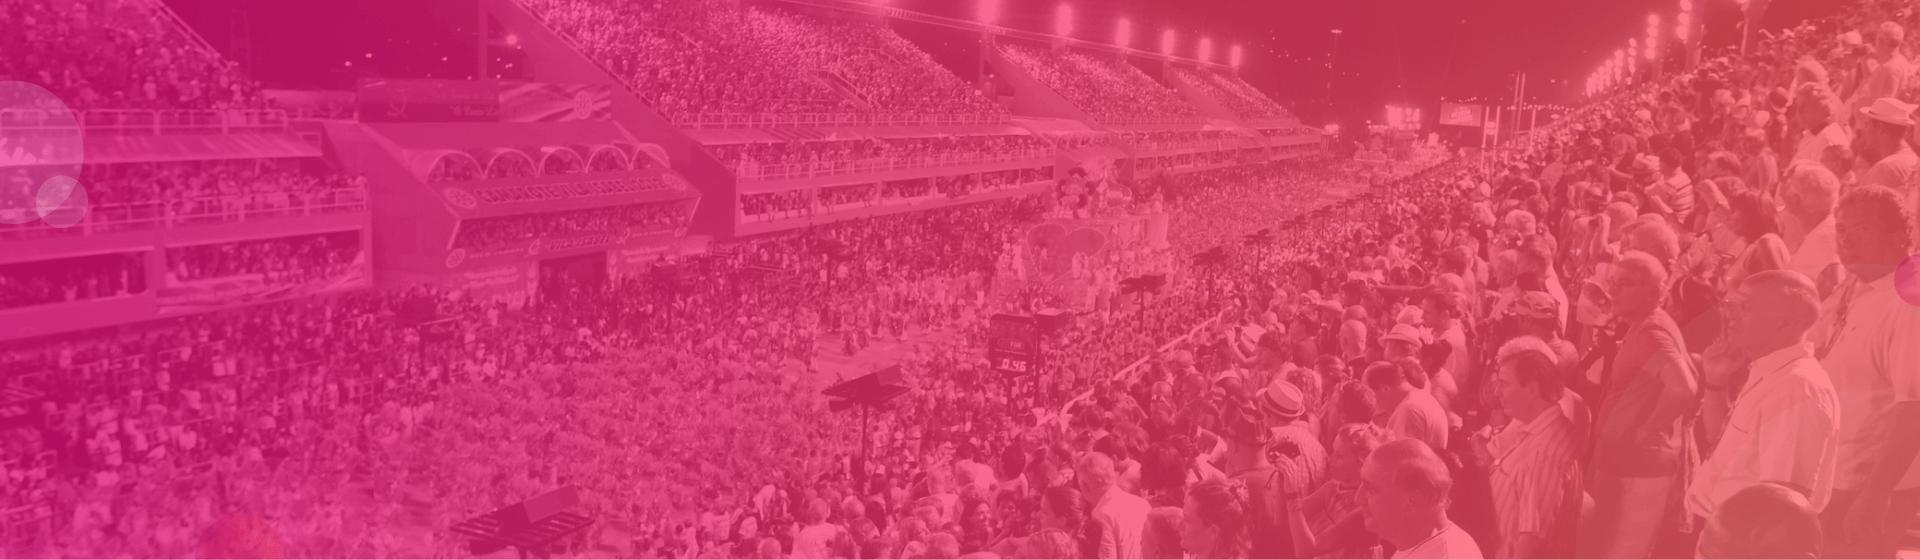 Bailes y Fiestas en el Carnaval de Río